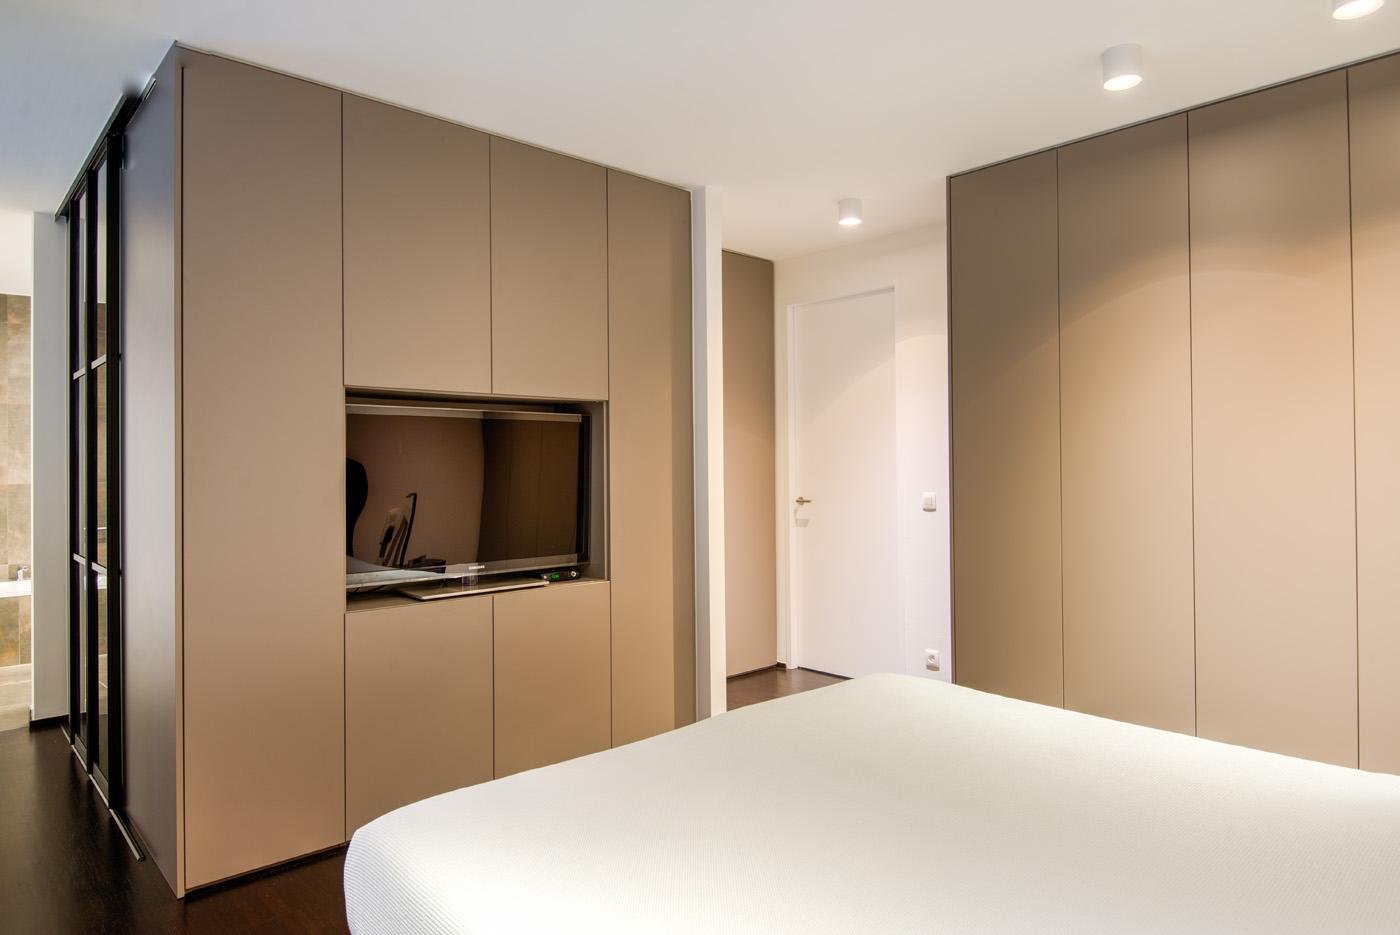 Kast Als Scheidingswand : Scheidingswanden op maat 2 kamers 1 ruimte dm line